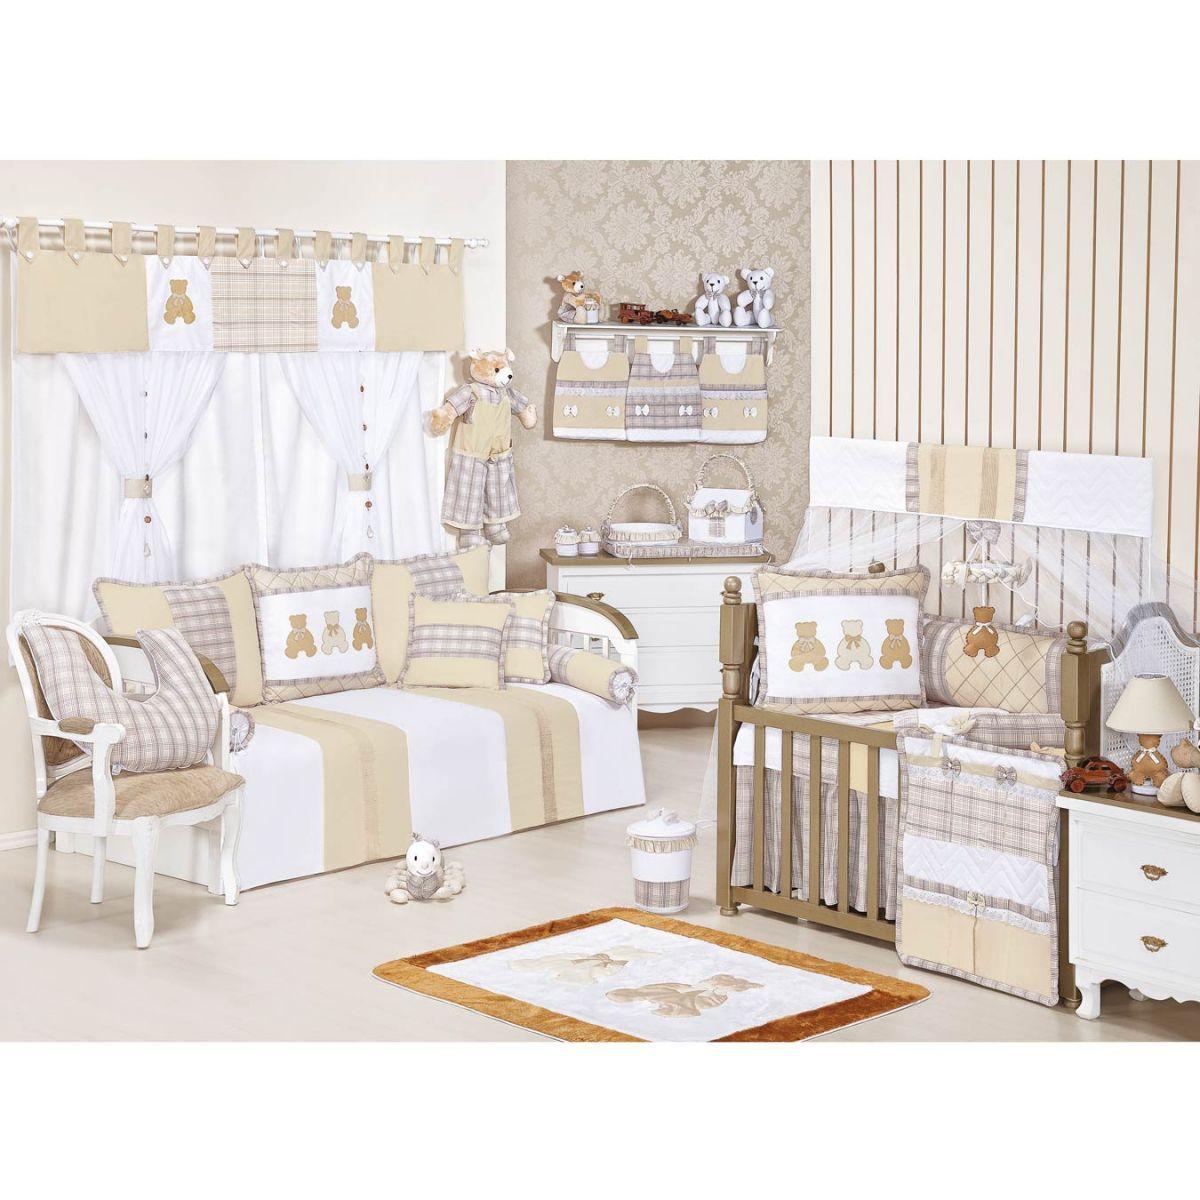 Abajur Enfeitado para Quarto Bebê Coleção Bears - Caqui